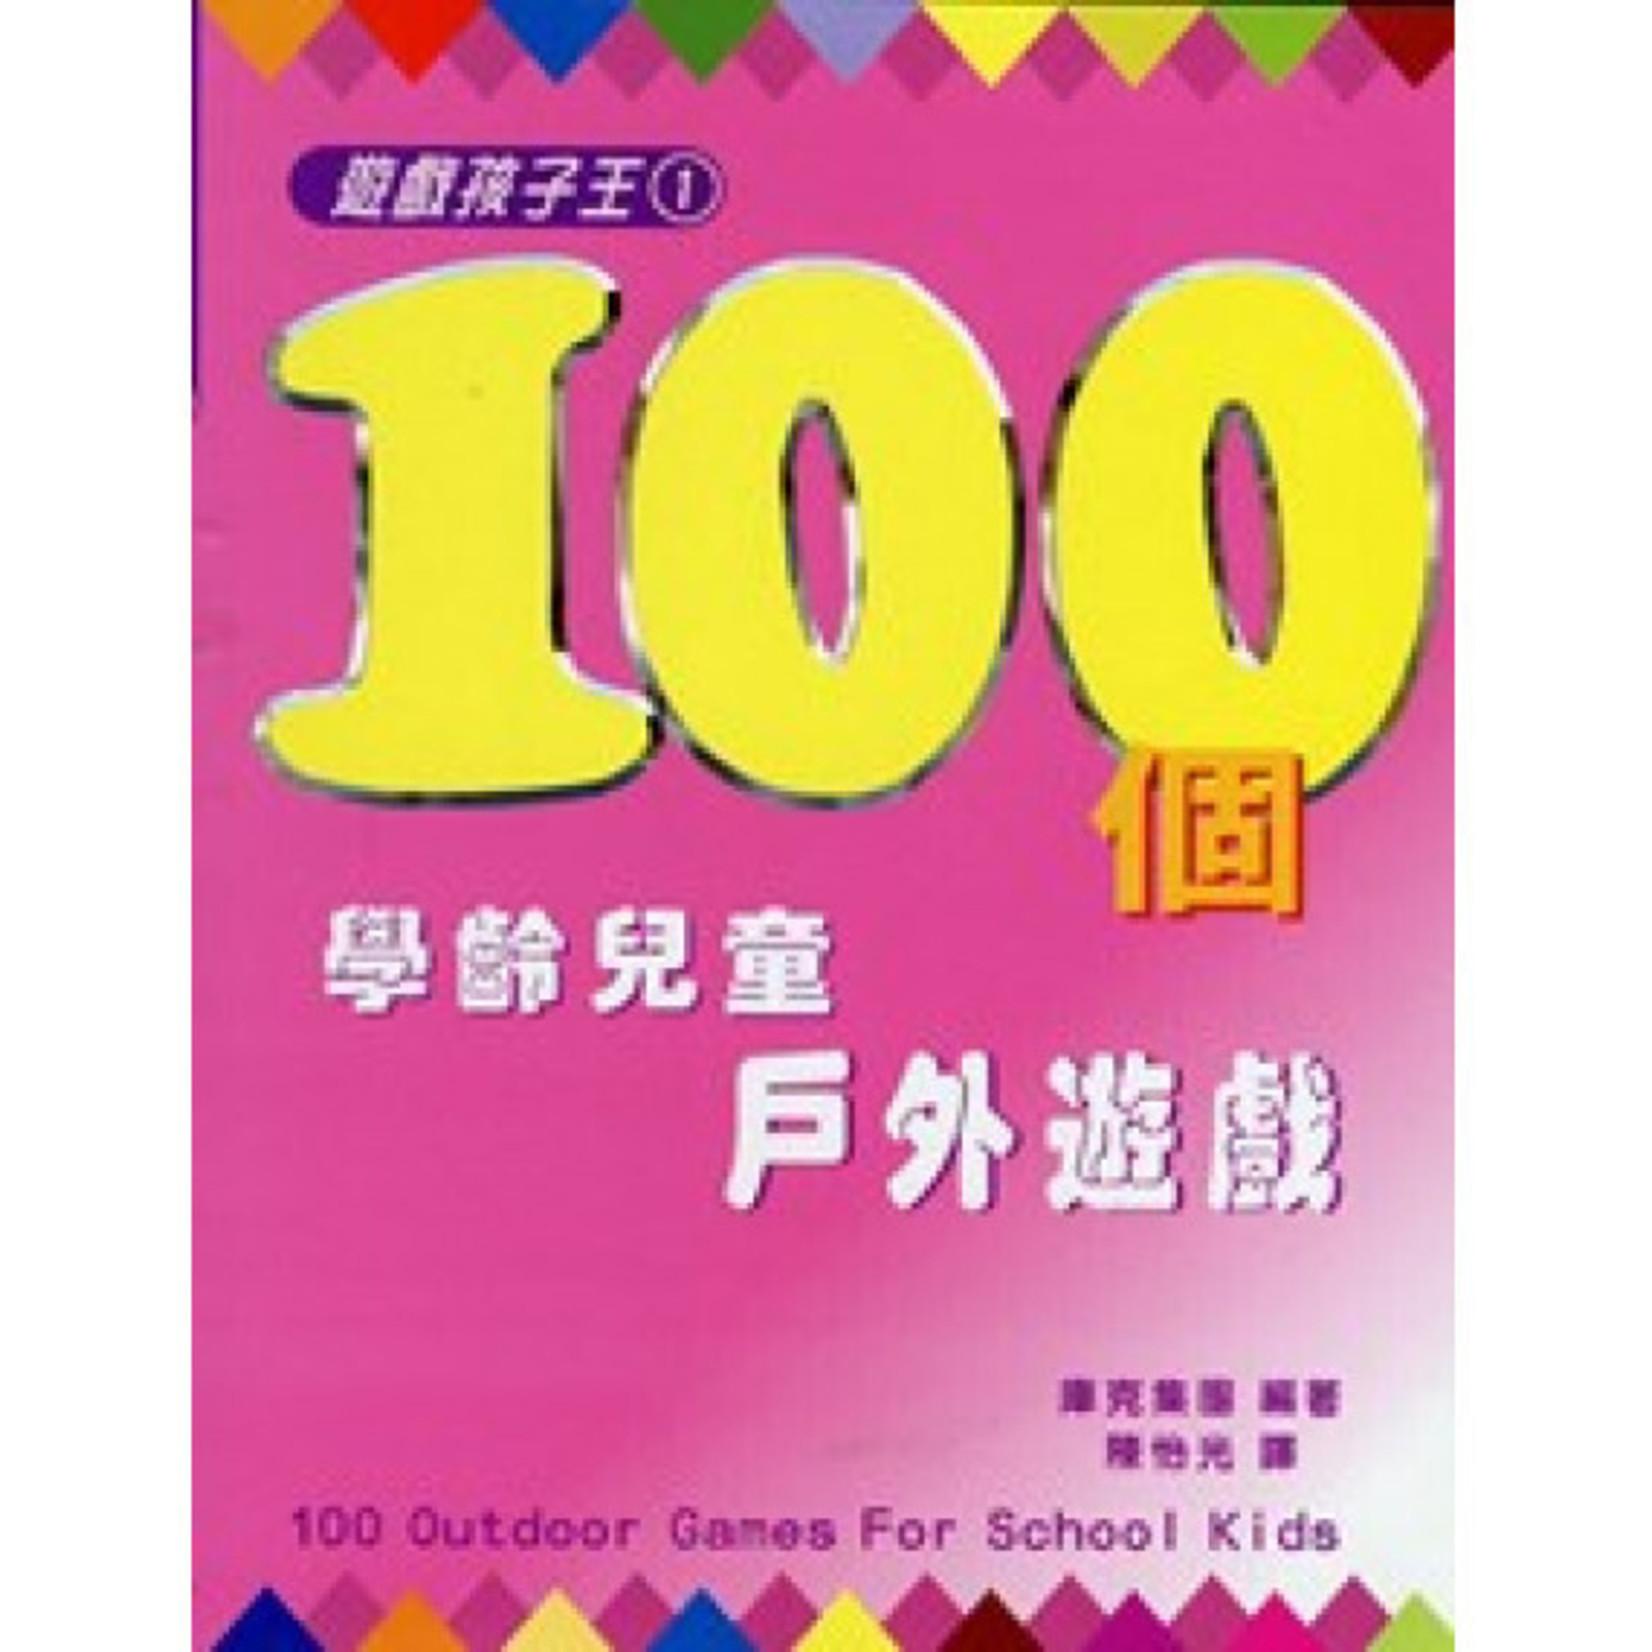 中國主日學協會 China Sunday School Association 遊戲孩子王1:100個學齡兒童戶外遊戲 100 Outdoor Games for School Kids